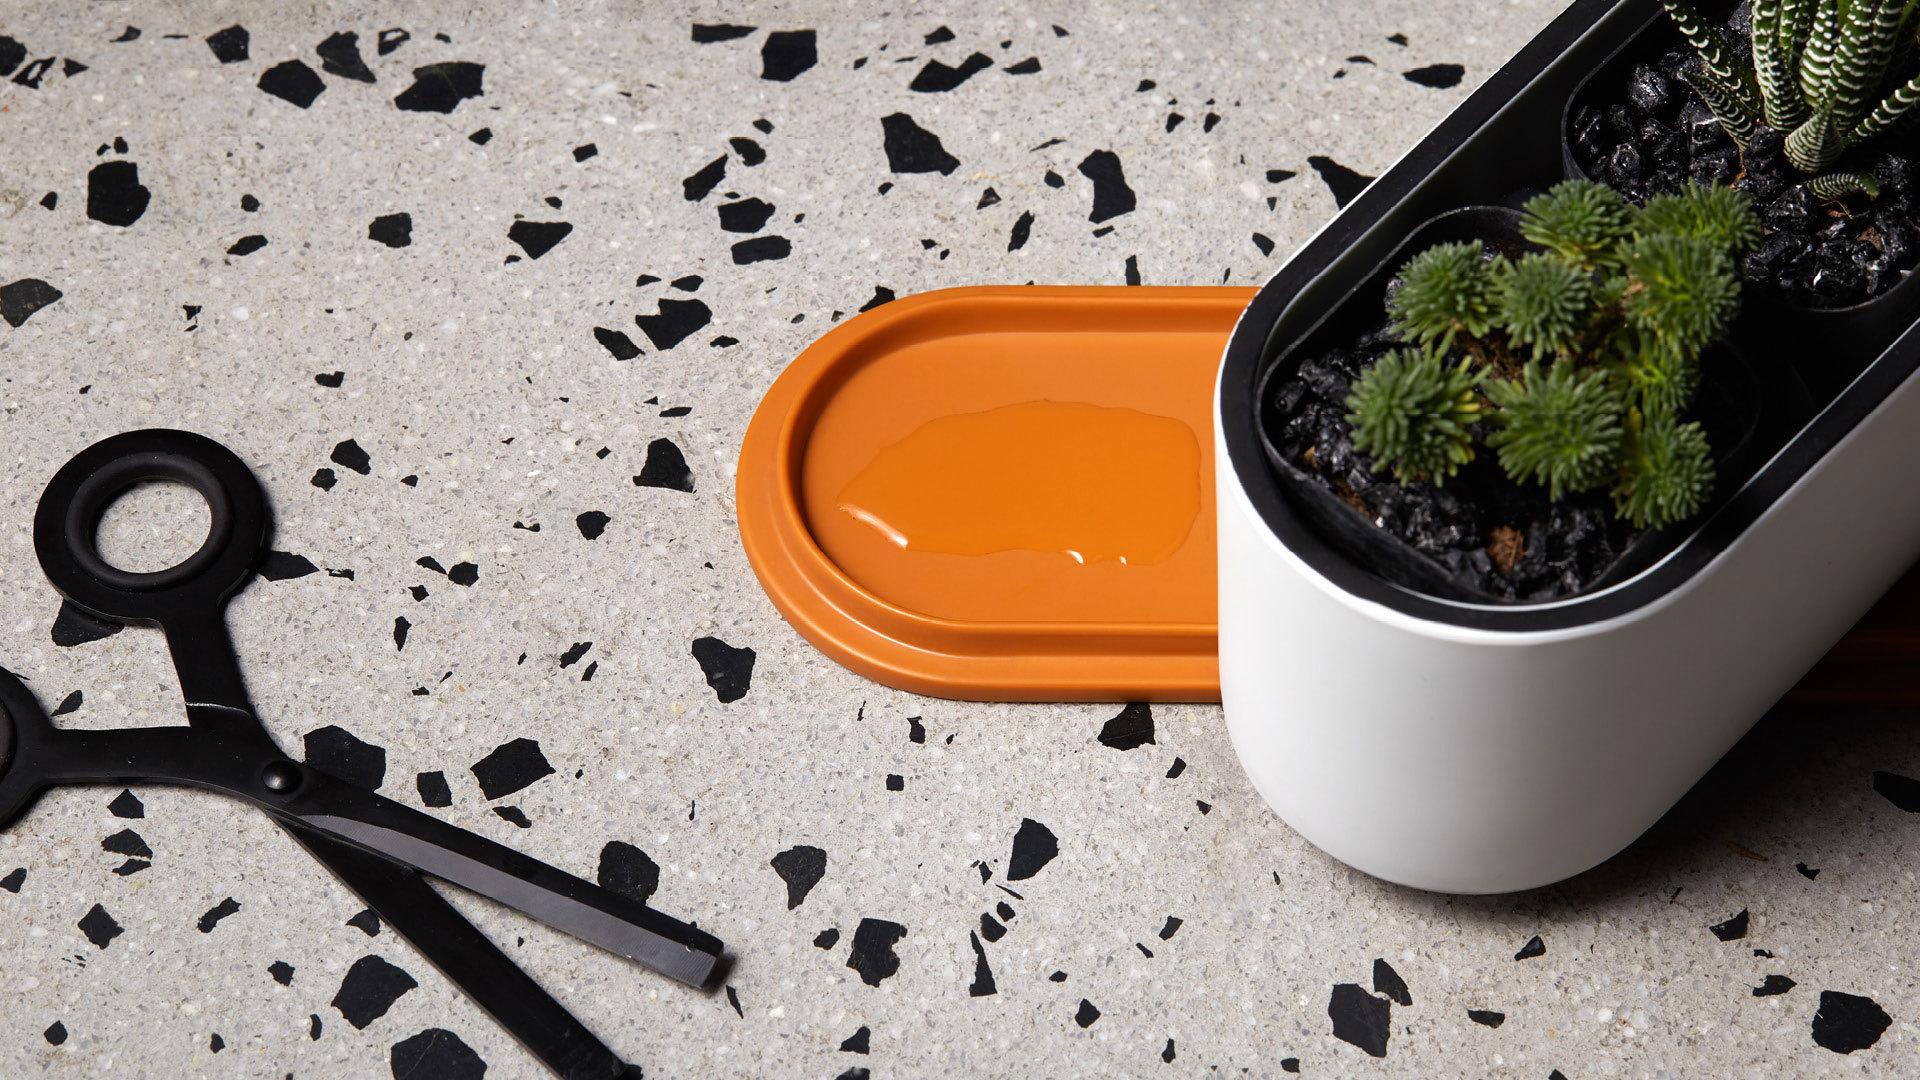 盒盖承托,不再担心桌面污染